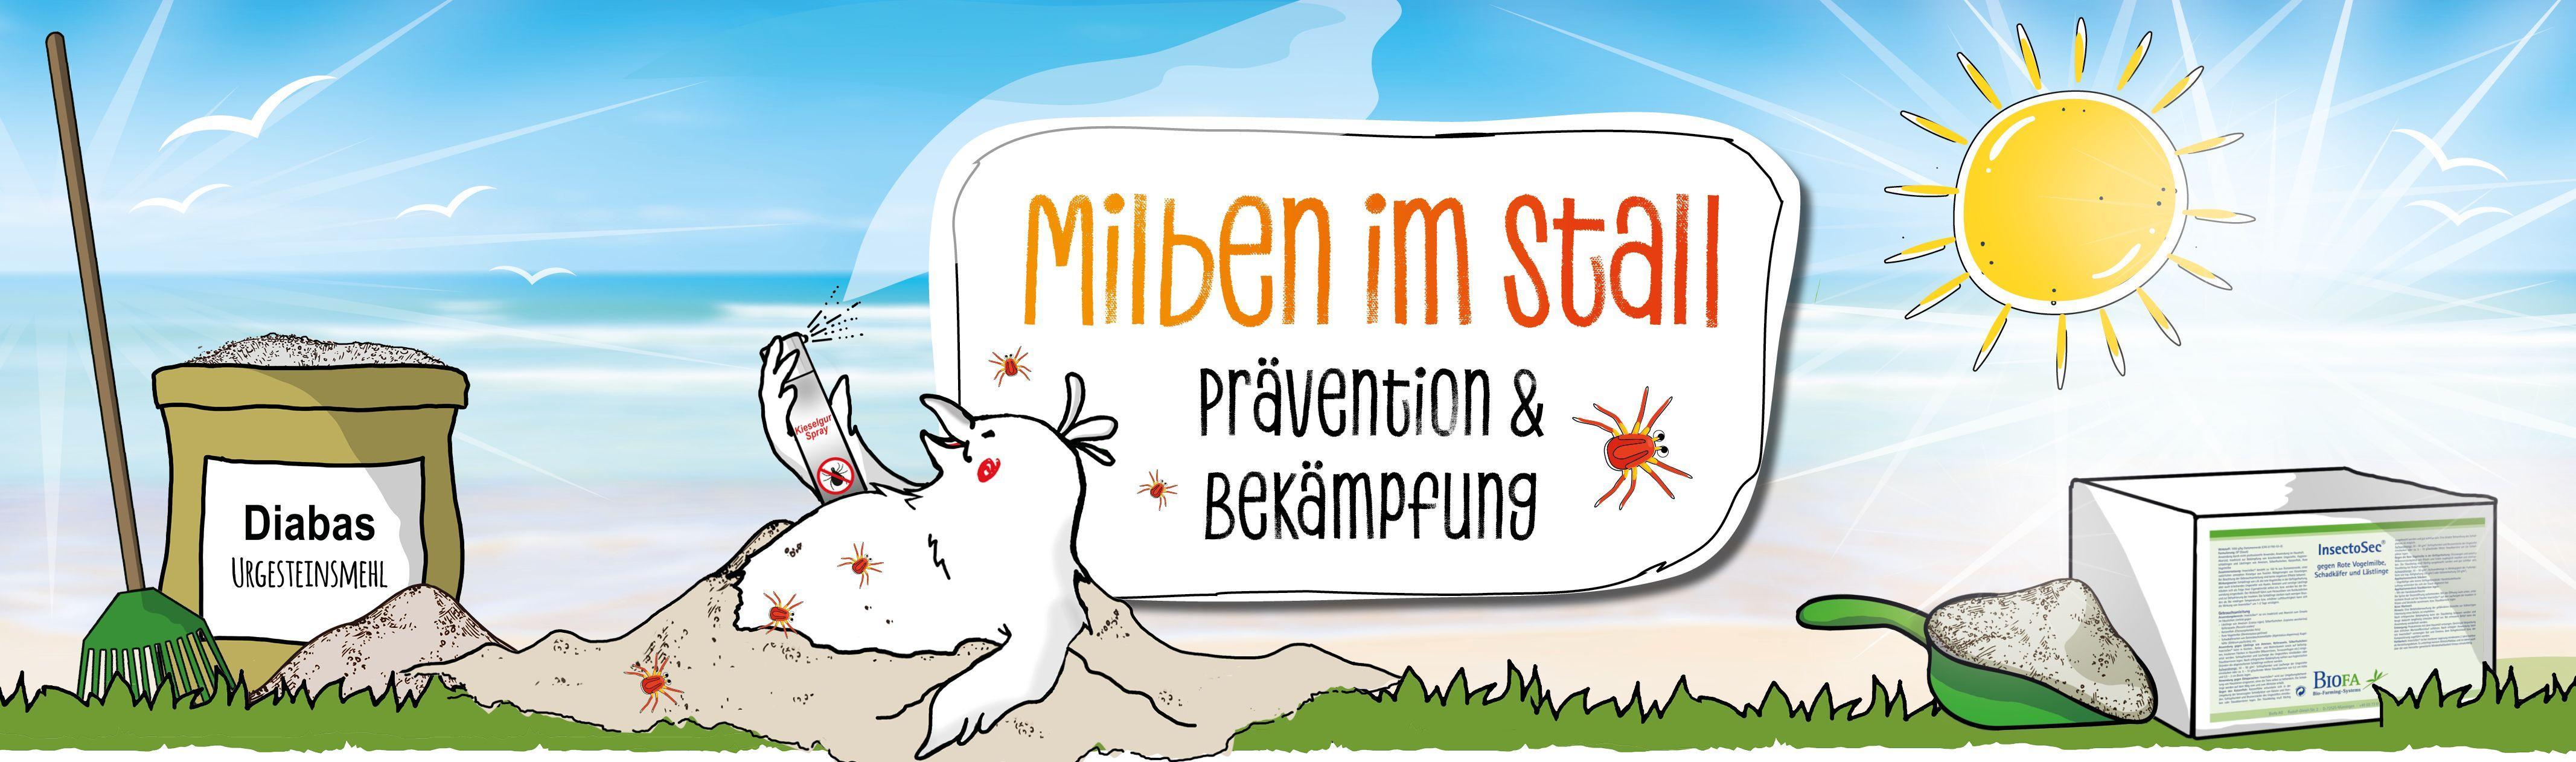 Milben_Banner